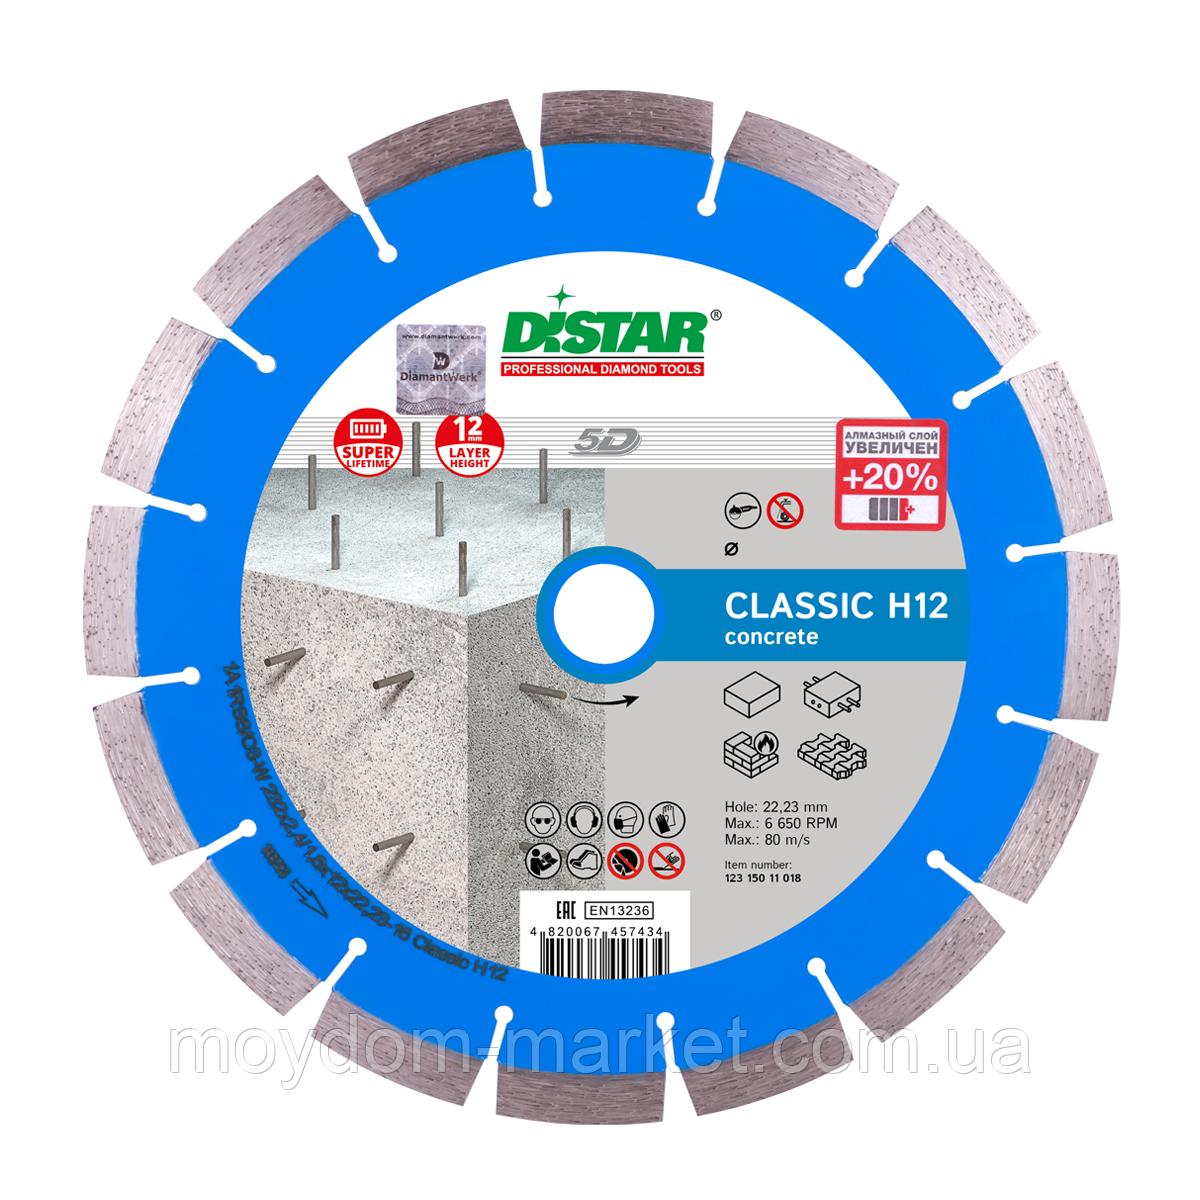 Алмазний диск DISTAR 125мм SEGMENT 5D, армобетон, бруківка, цегла 1A1RSS Classic H12 / 12315011011